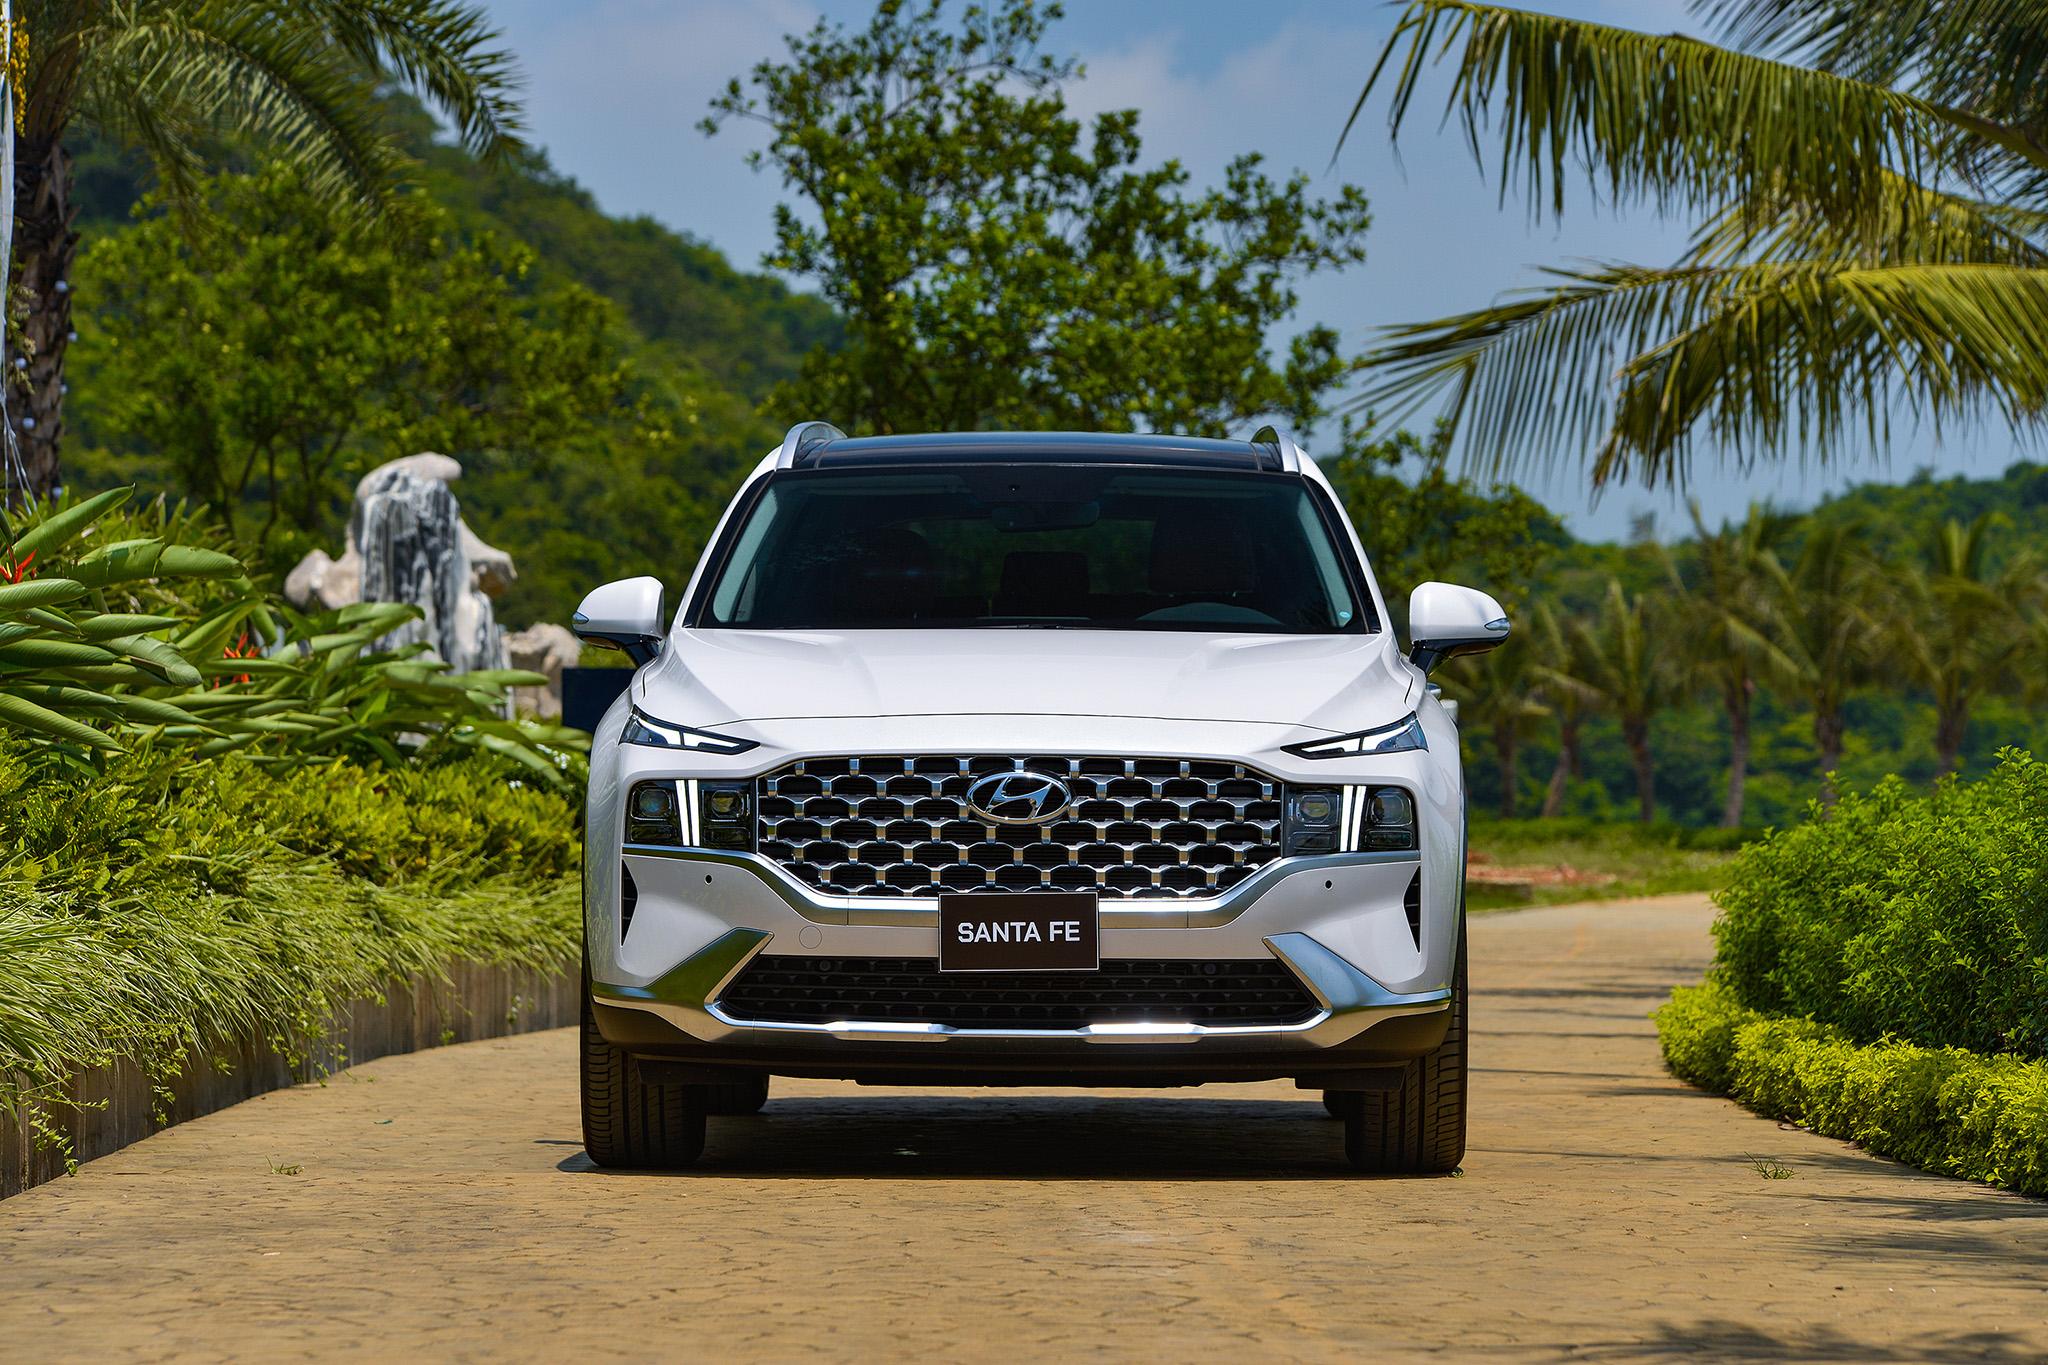 Hyundai Santa Fe 2021 chính thức ra mắt tại Việt Nam - Ảnh 1.